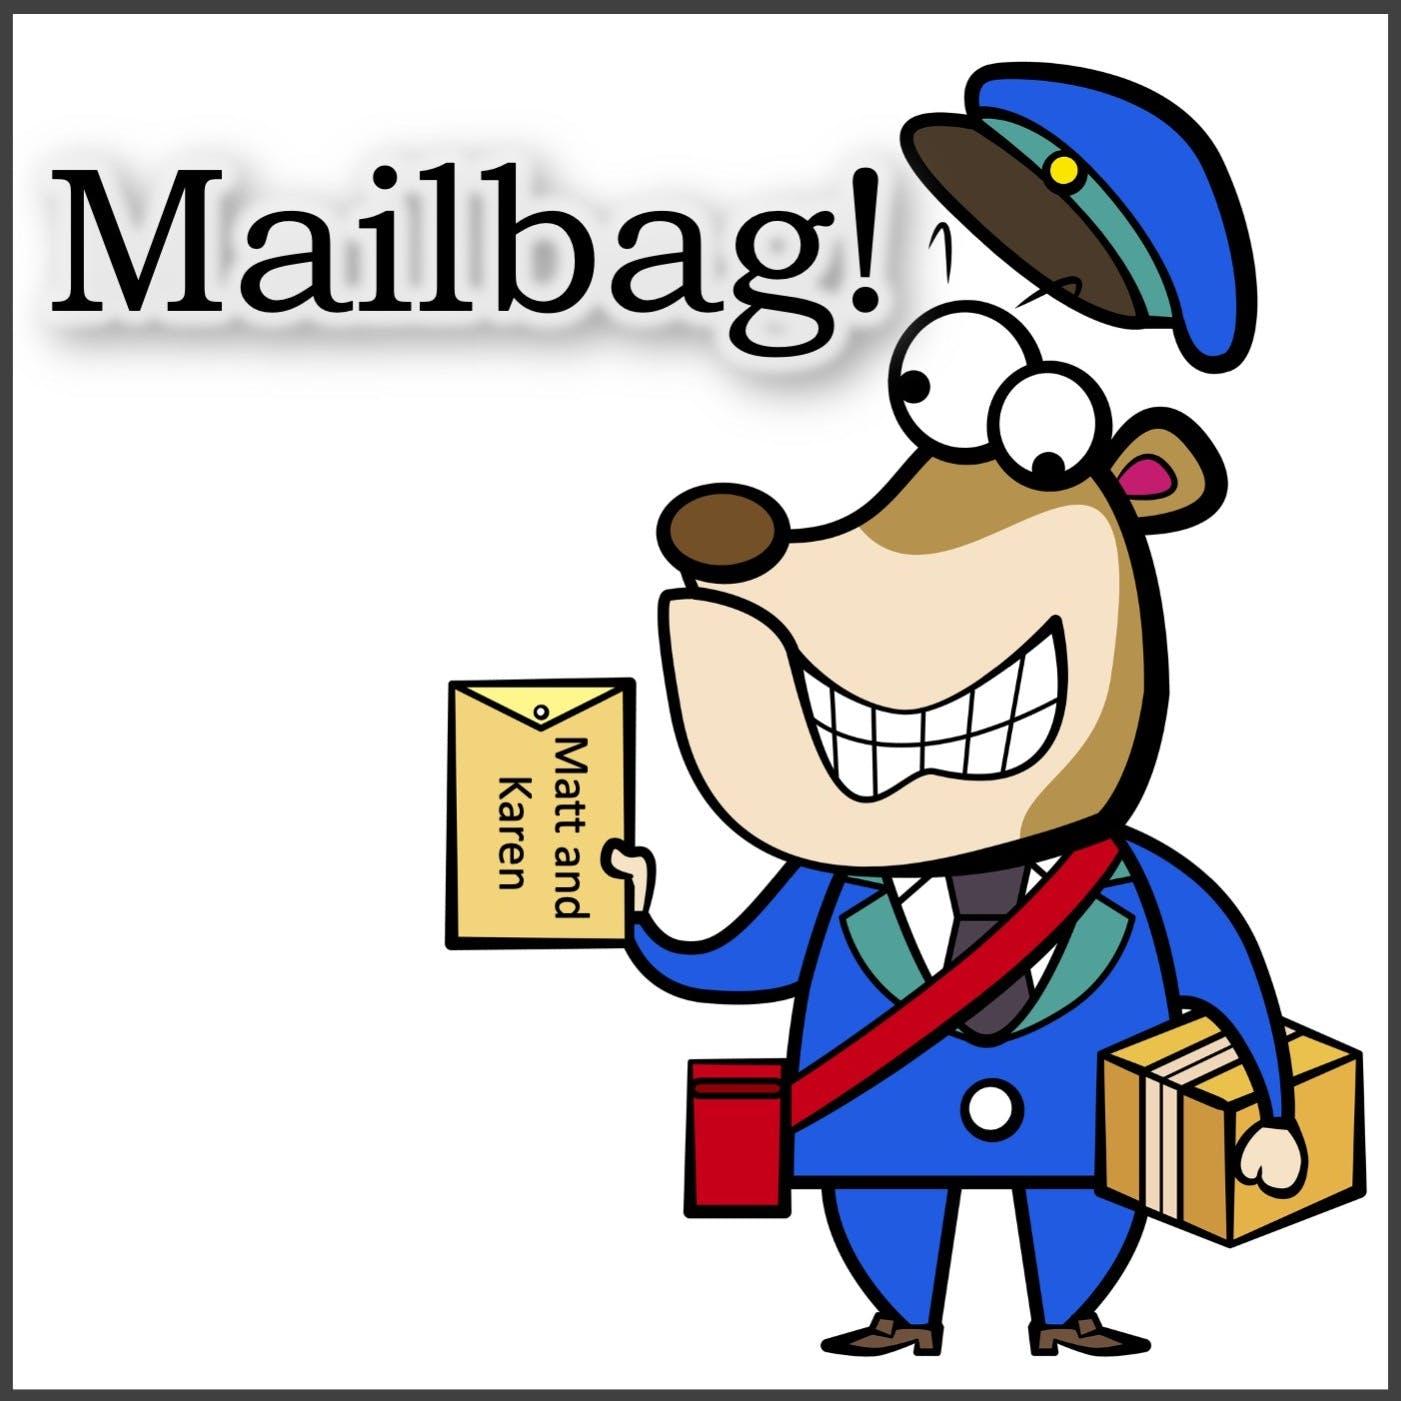 35 Mailbag!